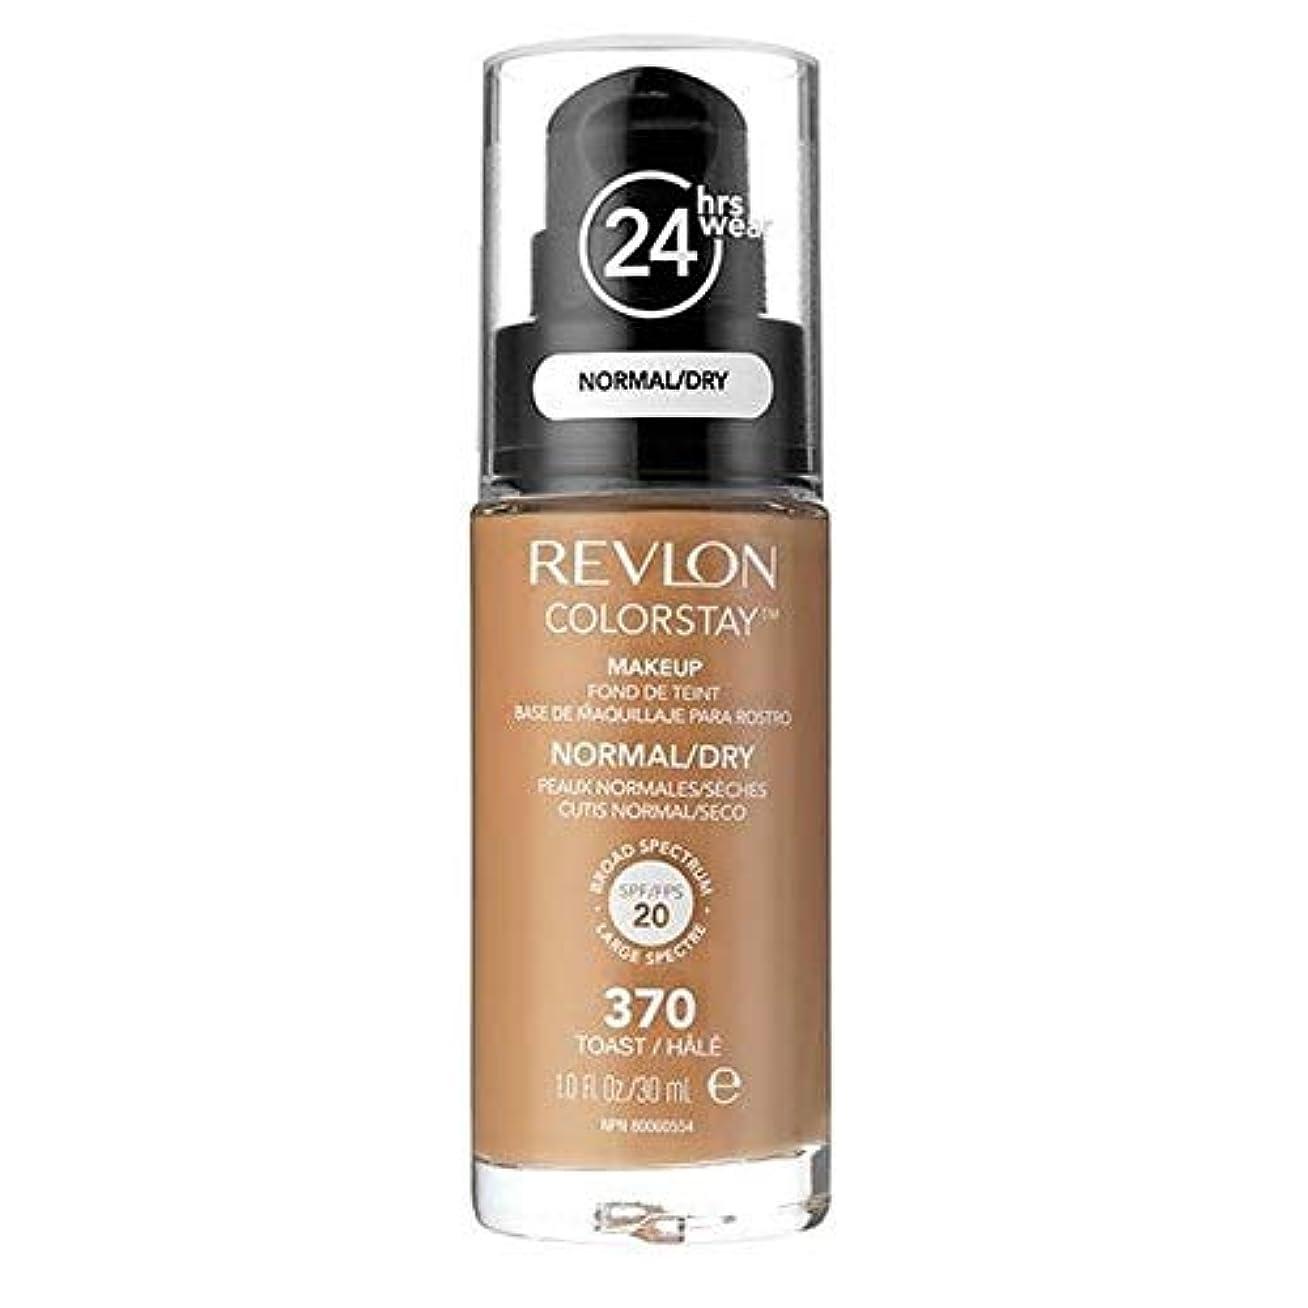 アイザックエレベーター検索エンジンマーケティング[Revlon ] レブロンカラーステイ基盤ノルム/ドライトースト30ミリリットル - Revlon Color Stay Foundation Norm/Dry Toast 30ml [並行輸入品]